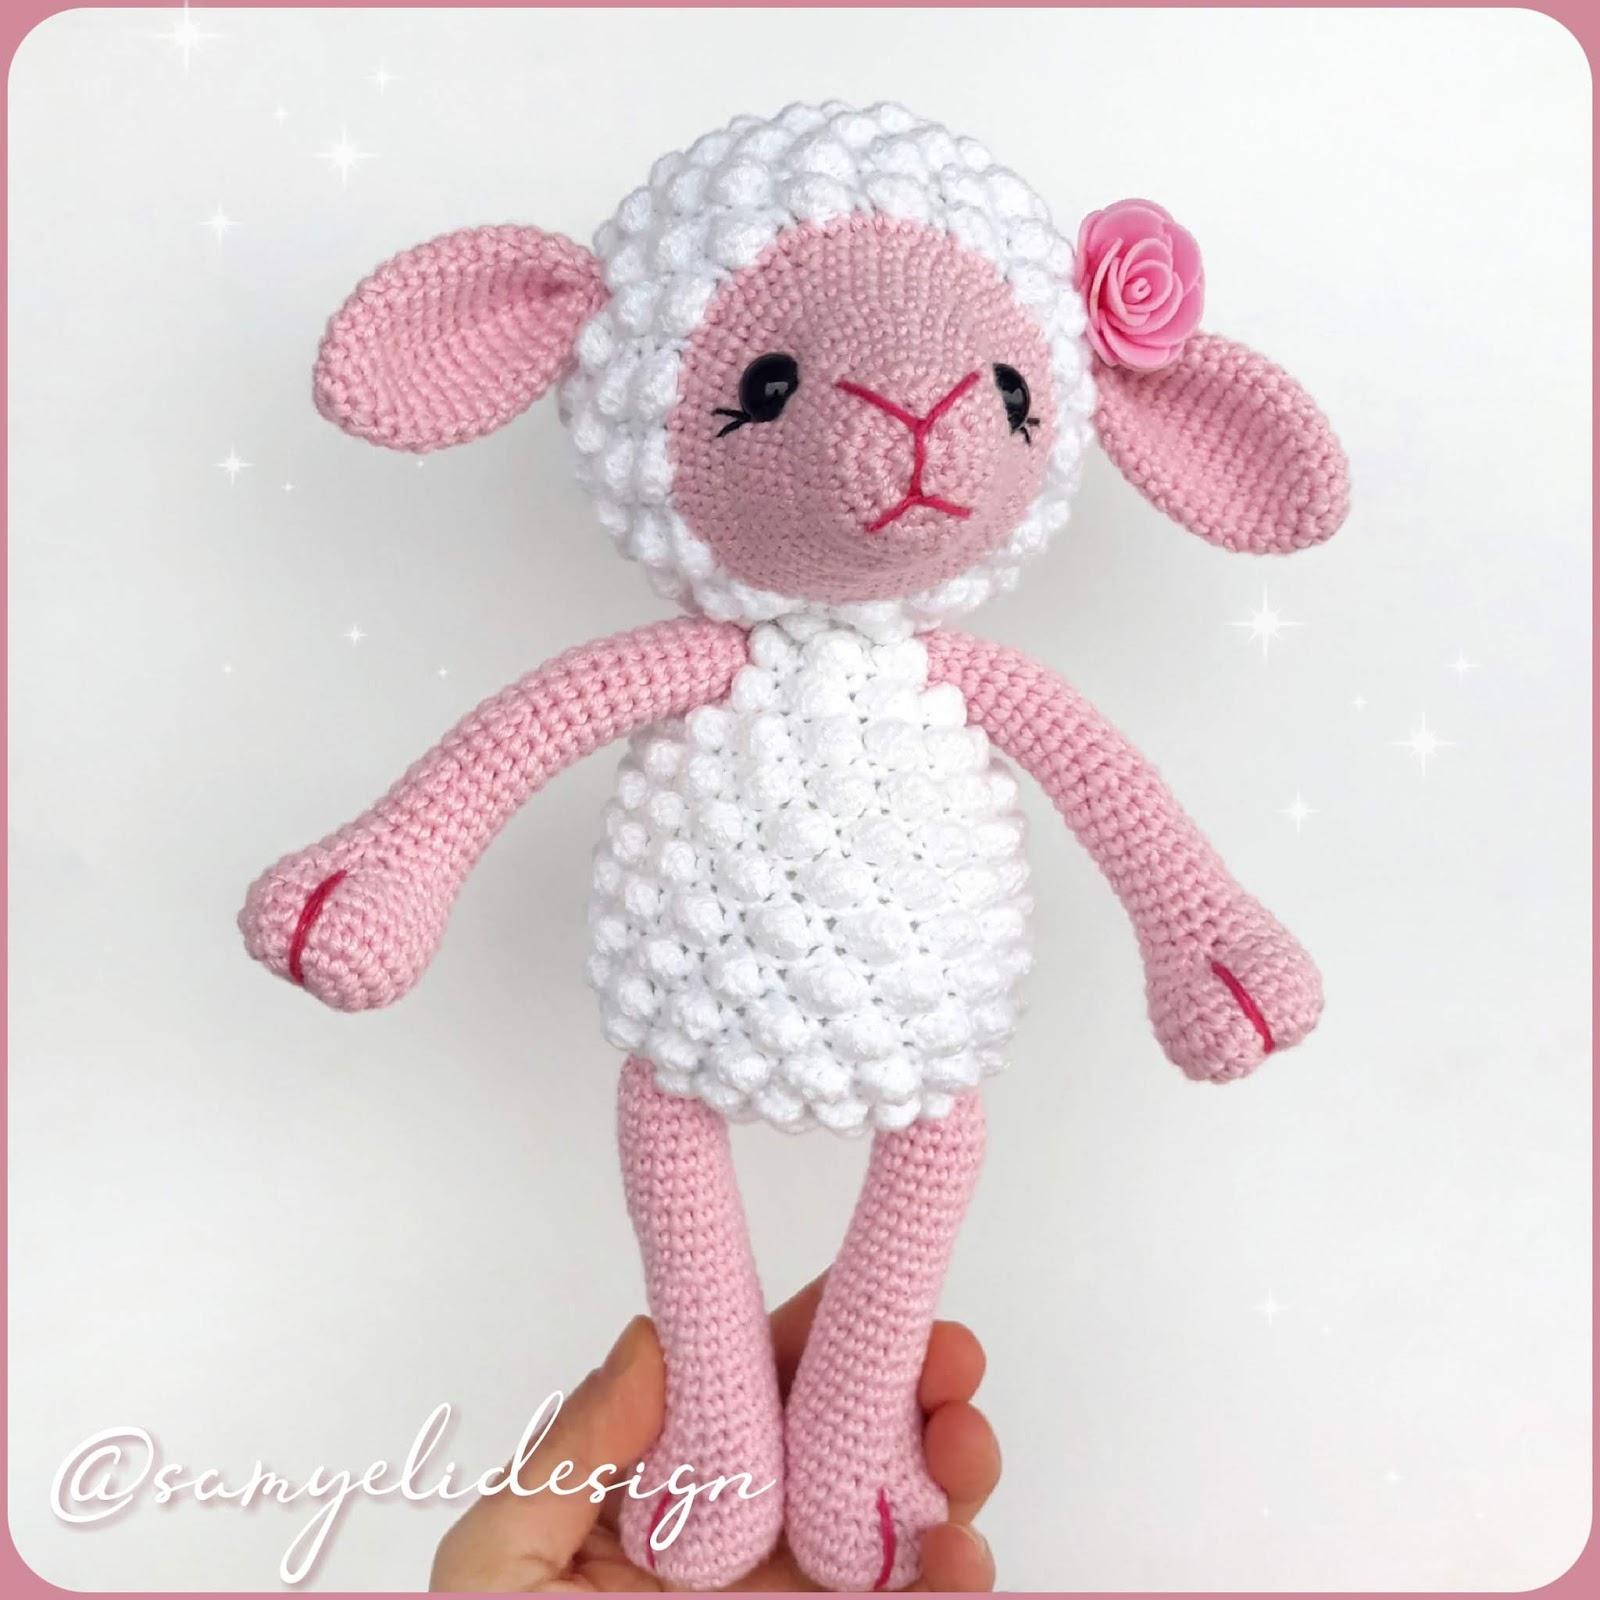 -amigurumi-bunny-anahtarlik-ucretsiz-desen-18 Amigurumi Bunny Anahtarlık Ücretsiz Desen